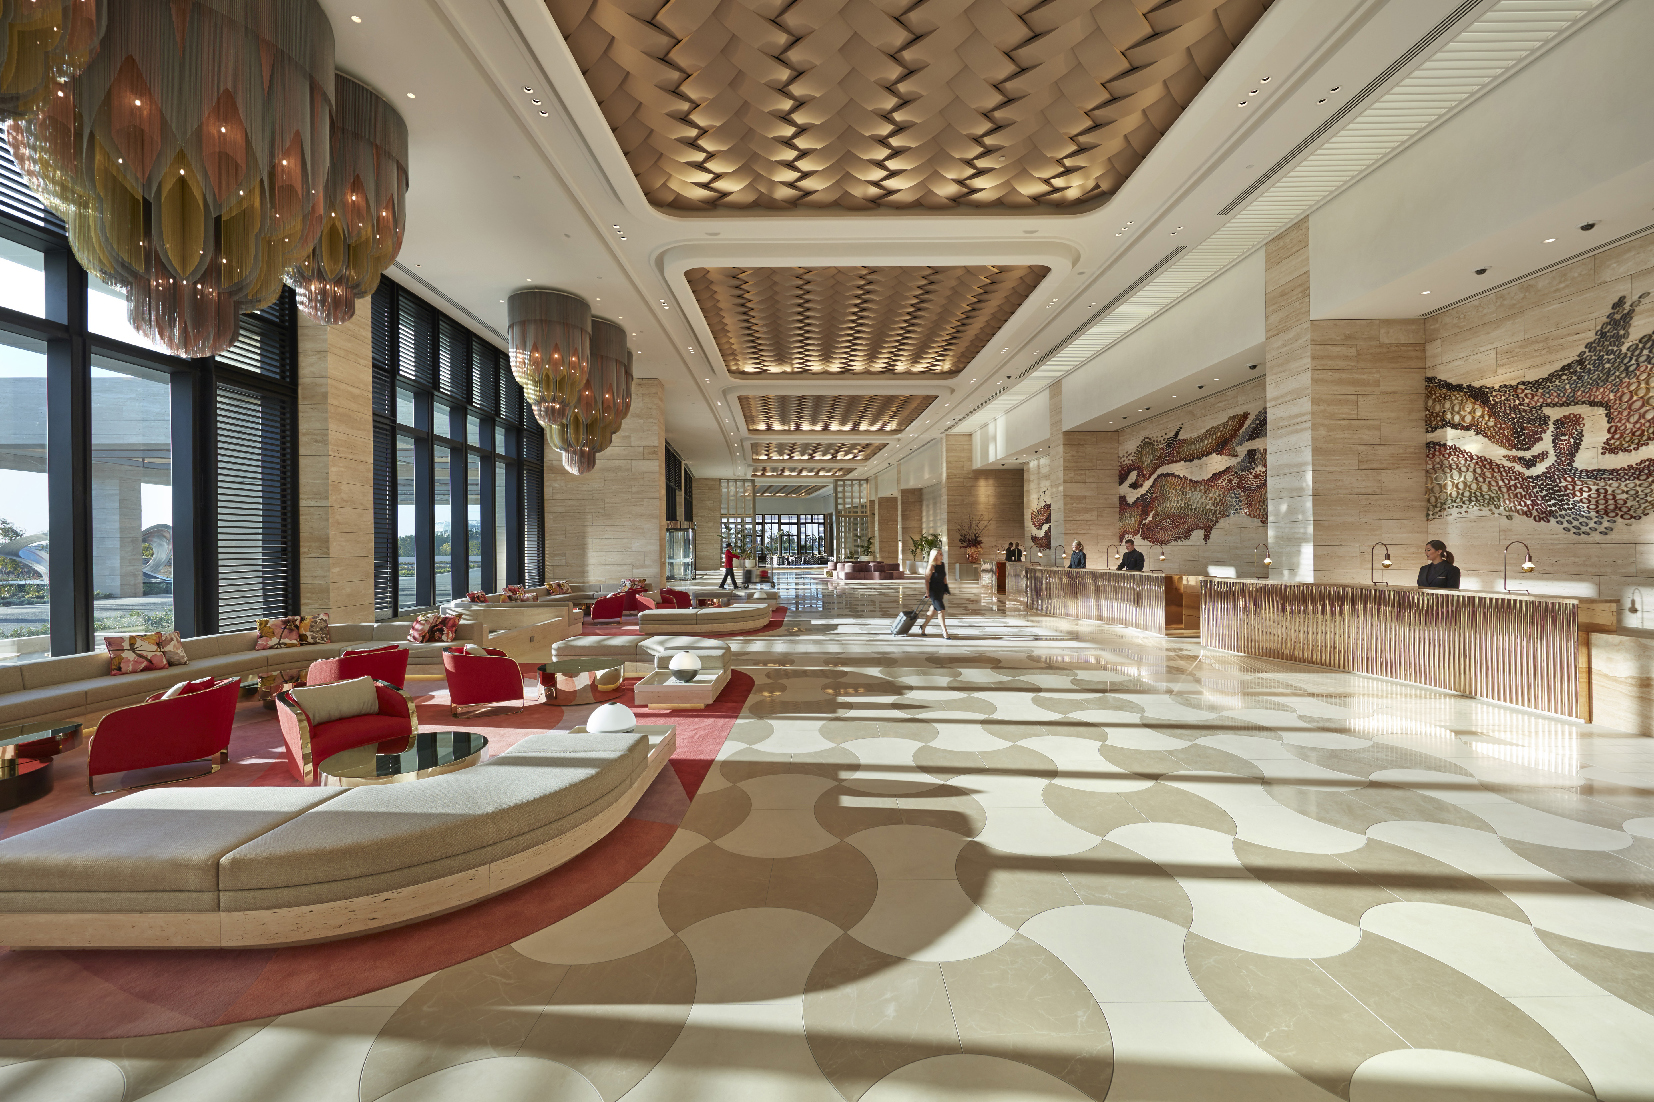 Crown Casino Perth Australia Day